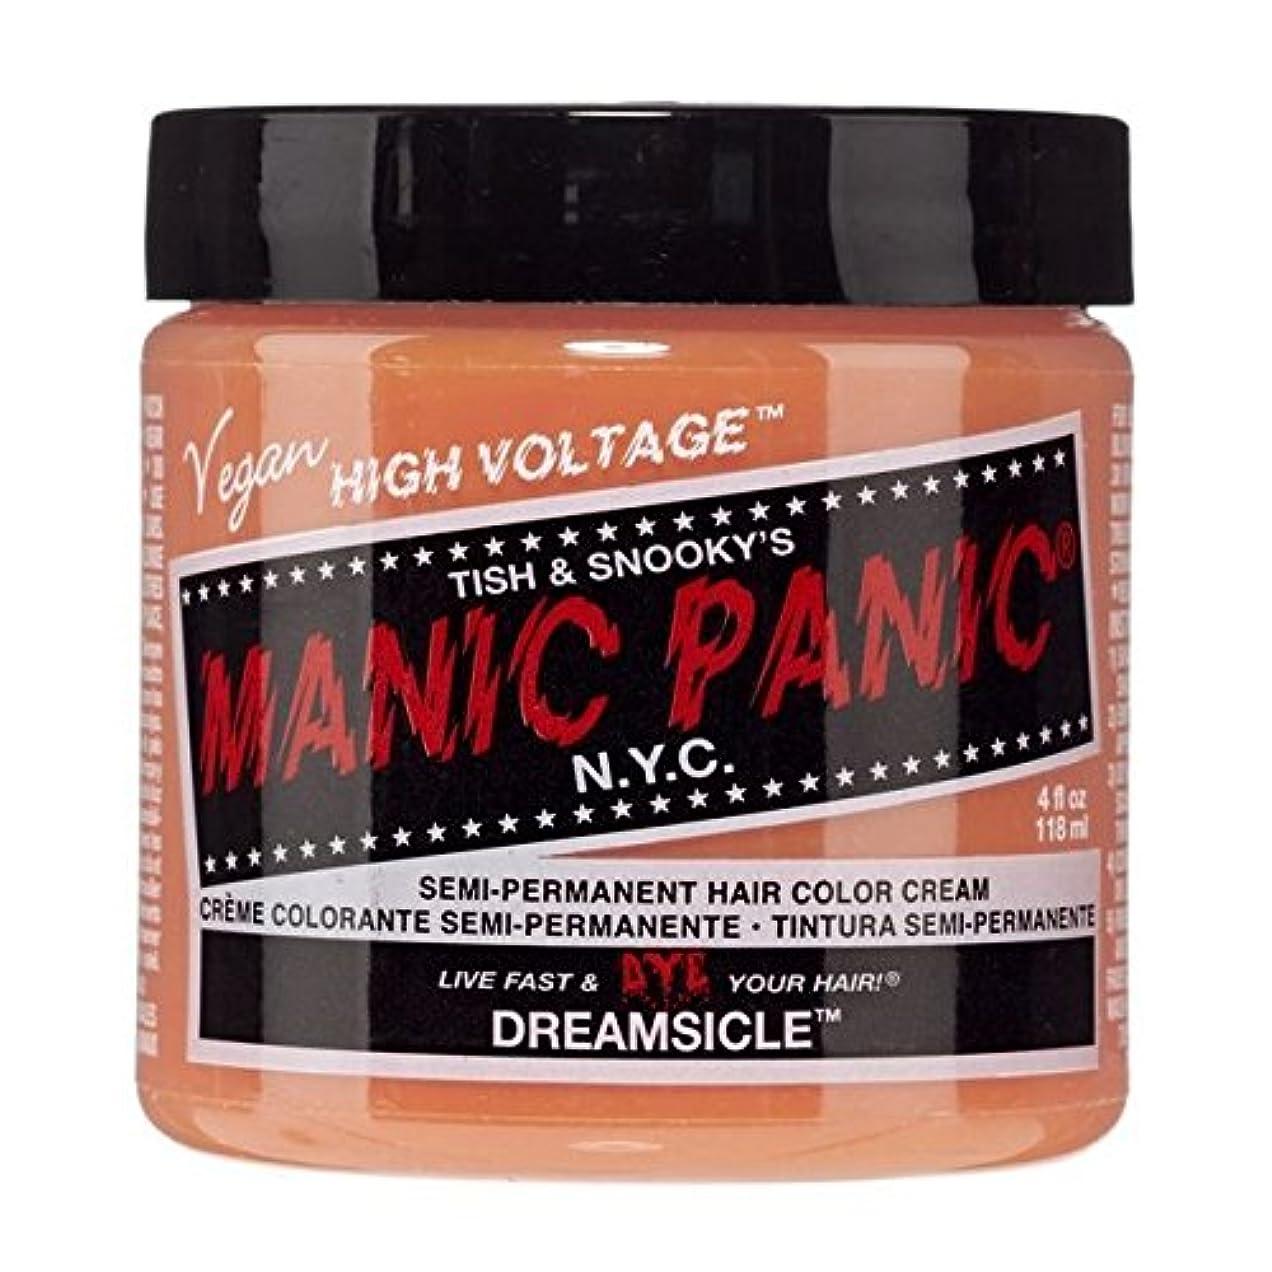 送料症候群最愛のスペシャルセットMANIC PANICマニックパニック:DREAMSICLE (ドリームサイクル)+ヘアカラーケア4点セット